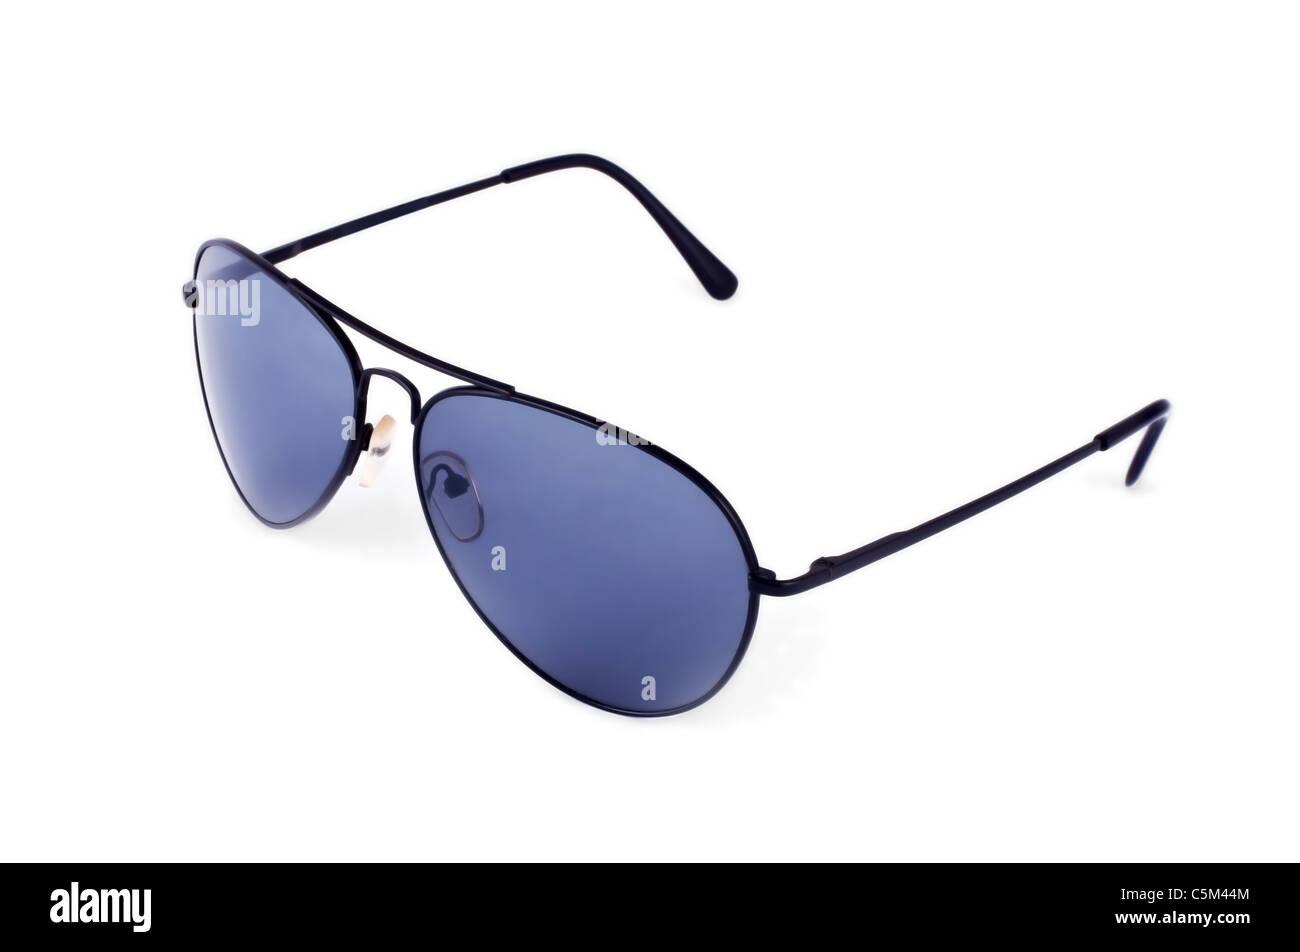 Aviator occhiali da sole isolato su sfondo bianco Foto Stock